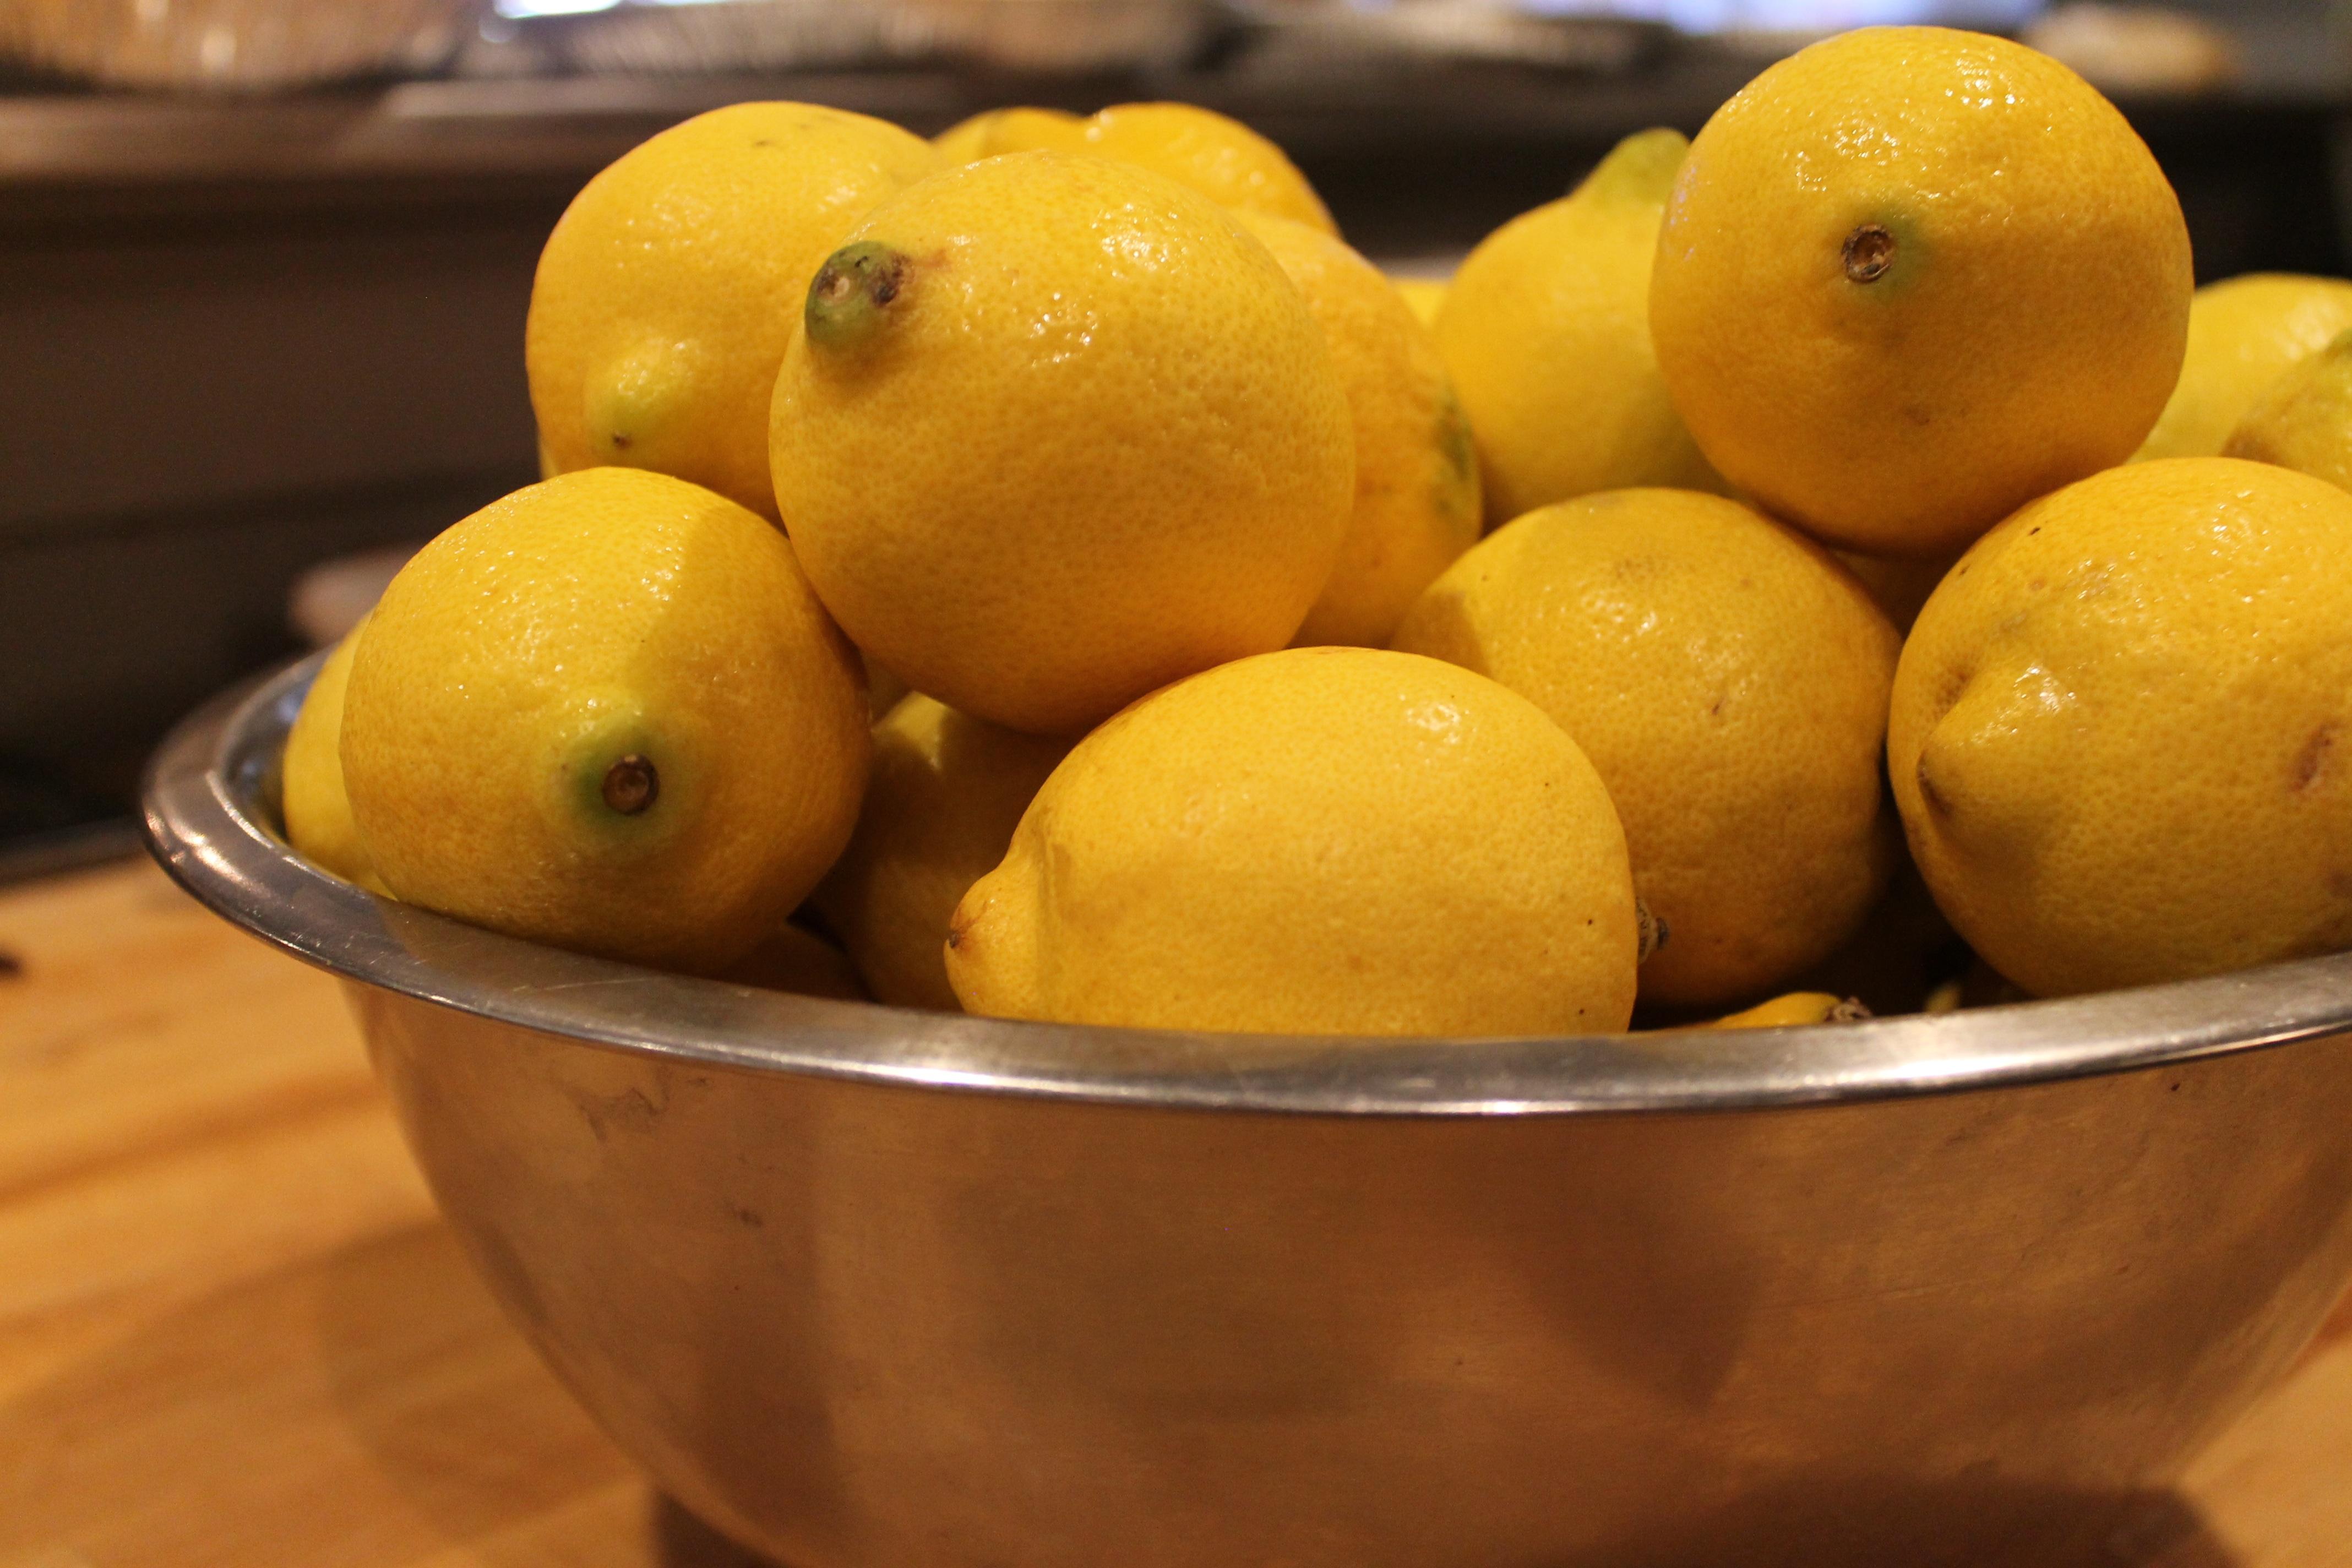 числу общественность картинка с лимончиками критики высокой моды